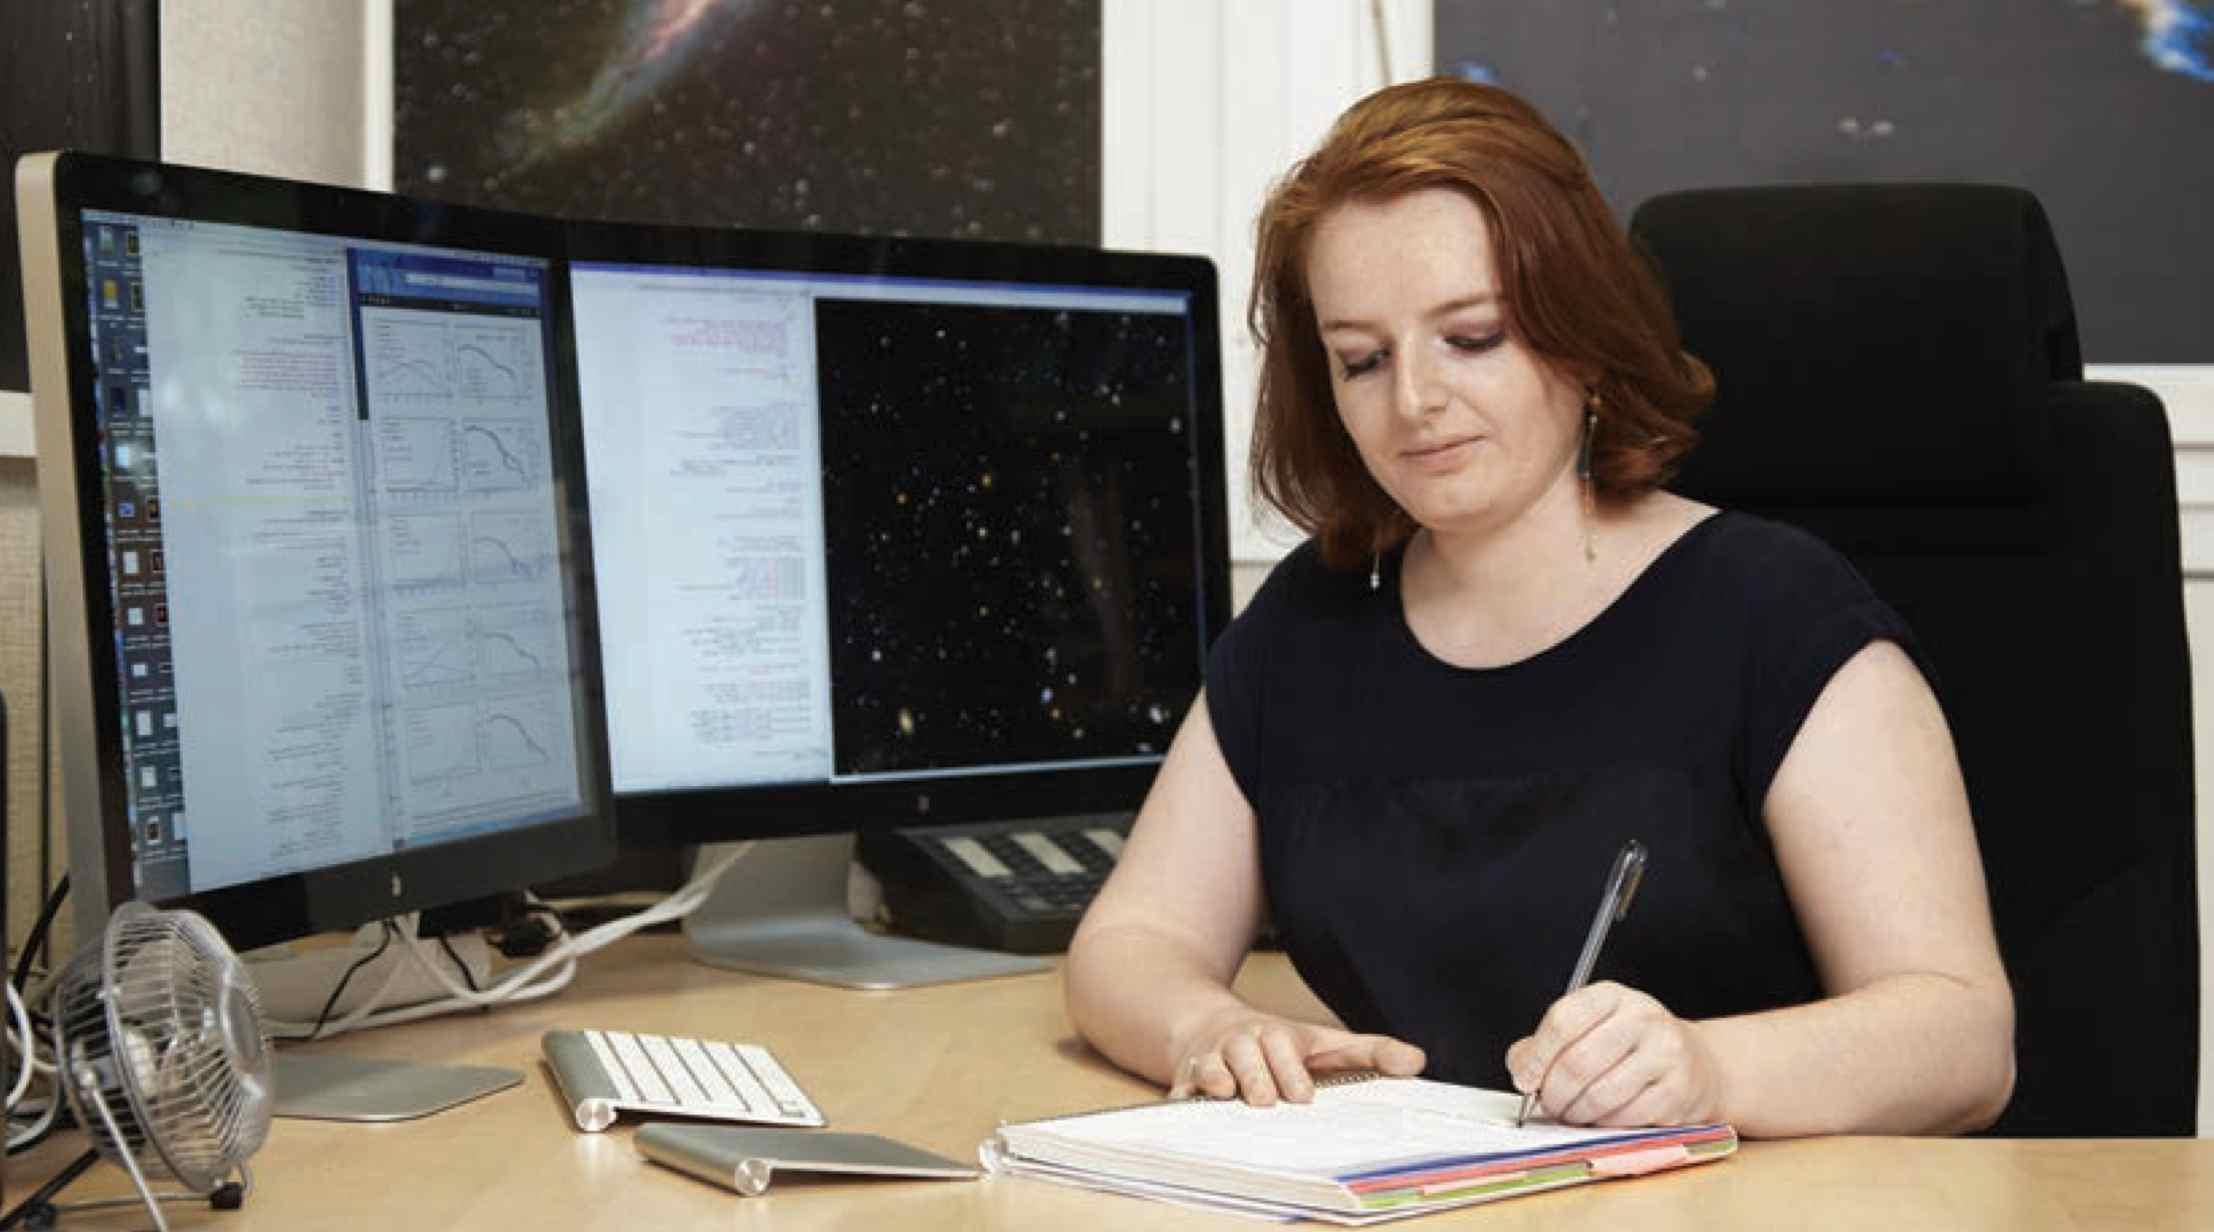 L'astrophysicienne Laure Ciesla, lauréate d'une bourse L'Oreal-Unesco Pour les Femmes et la Science